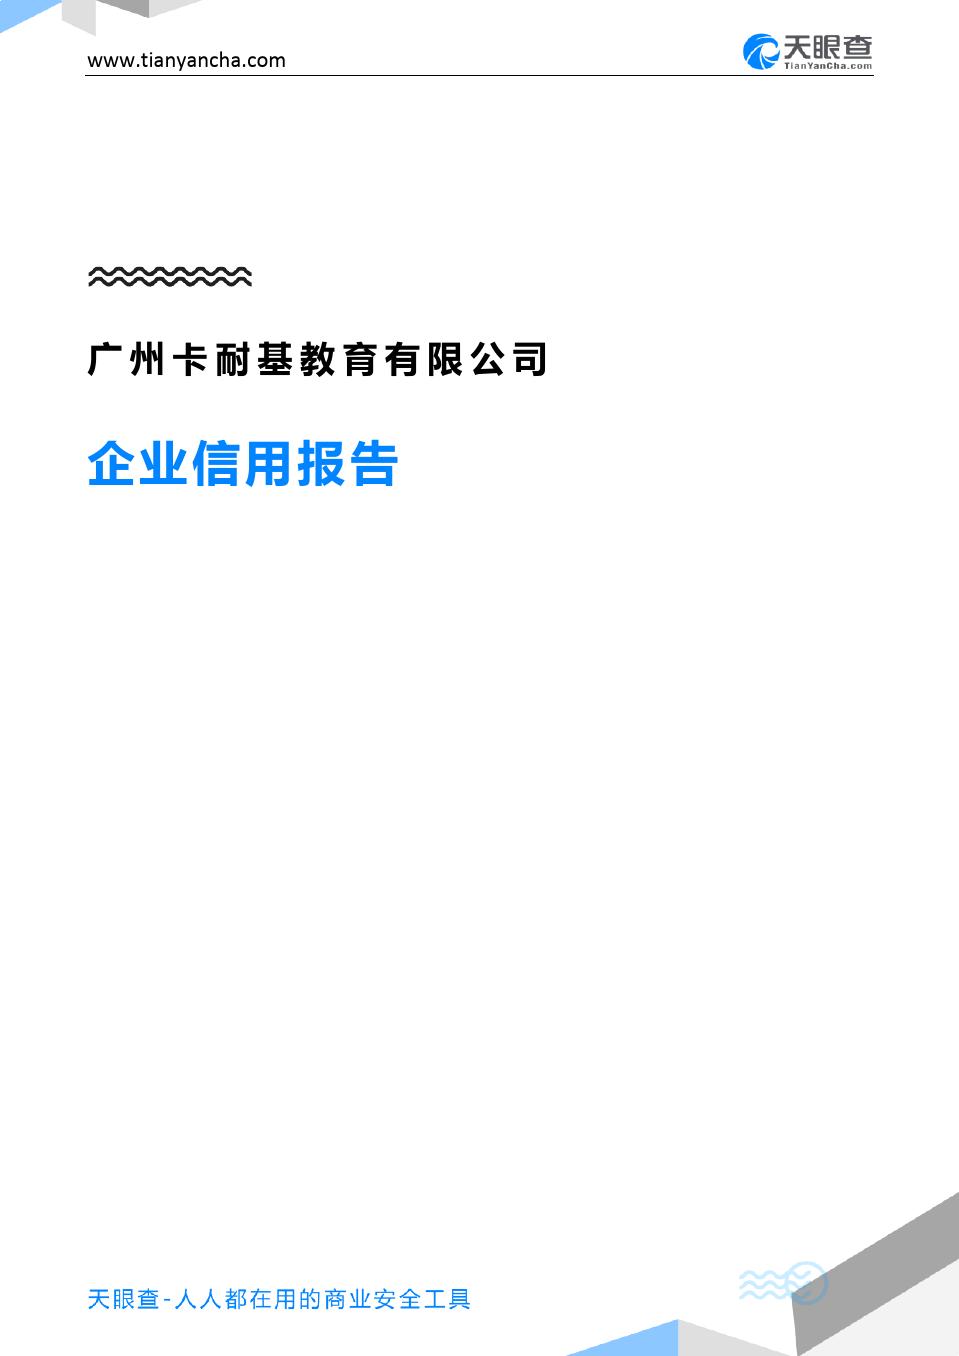 广州卡耐基教育有限公司(企业信用报告)- 天眼查